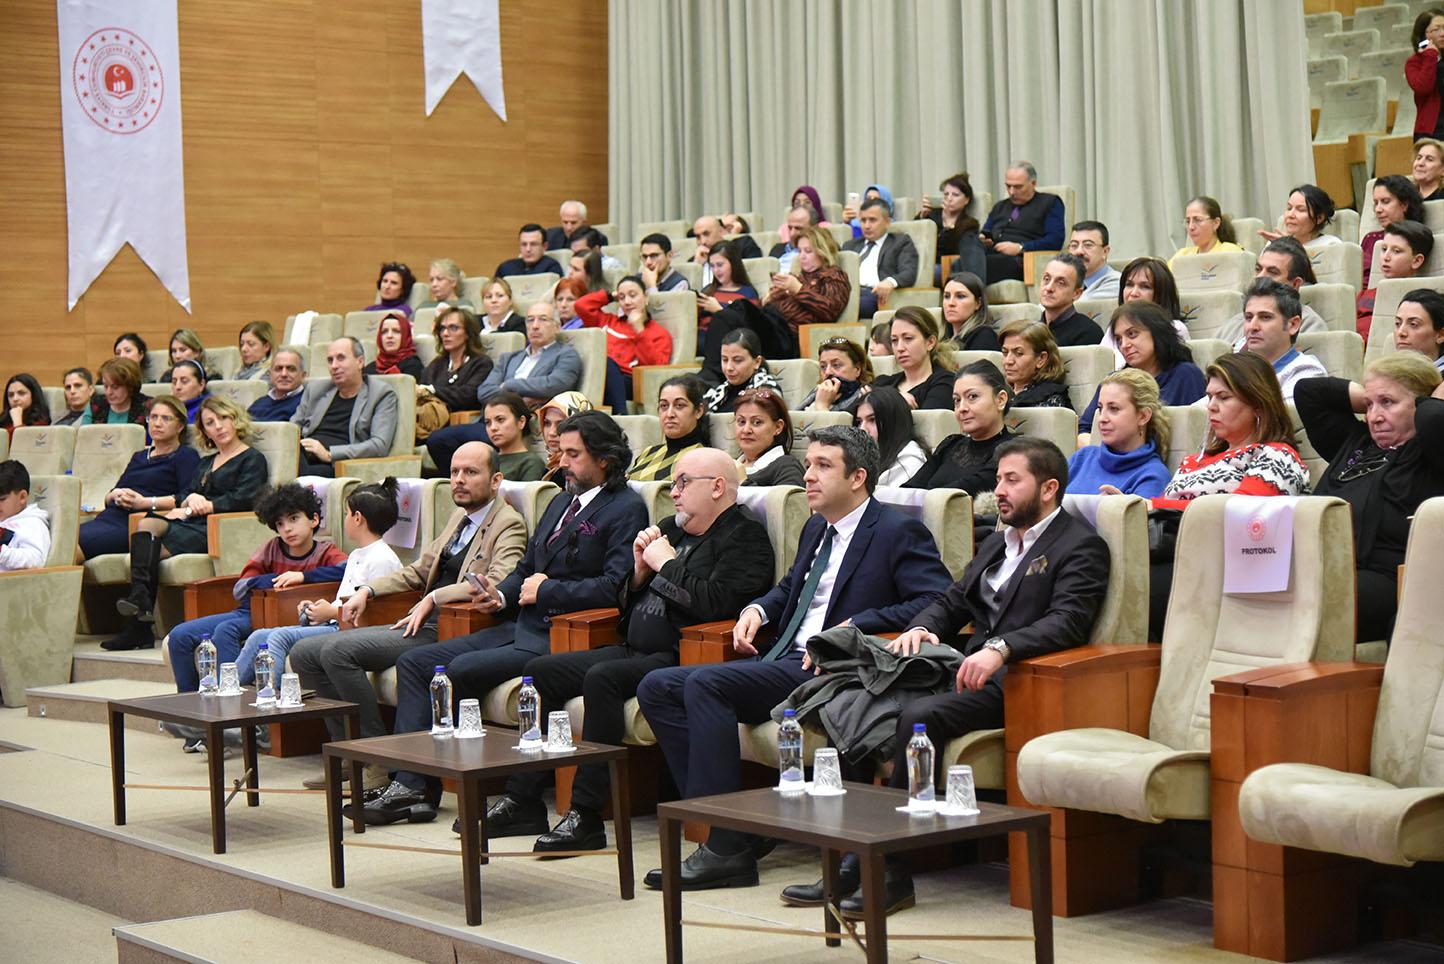 Birol GÜVEN Çevre ve Şehir Konferanslarının konuğu oldu